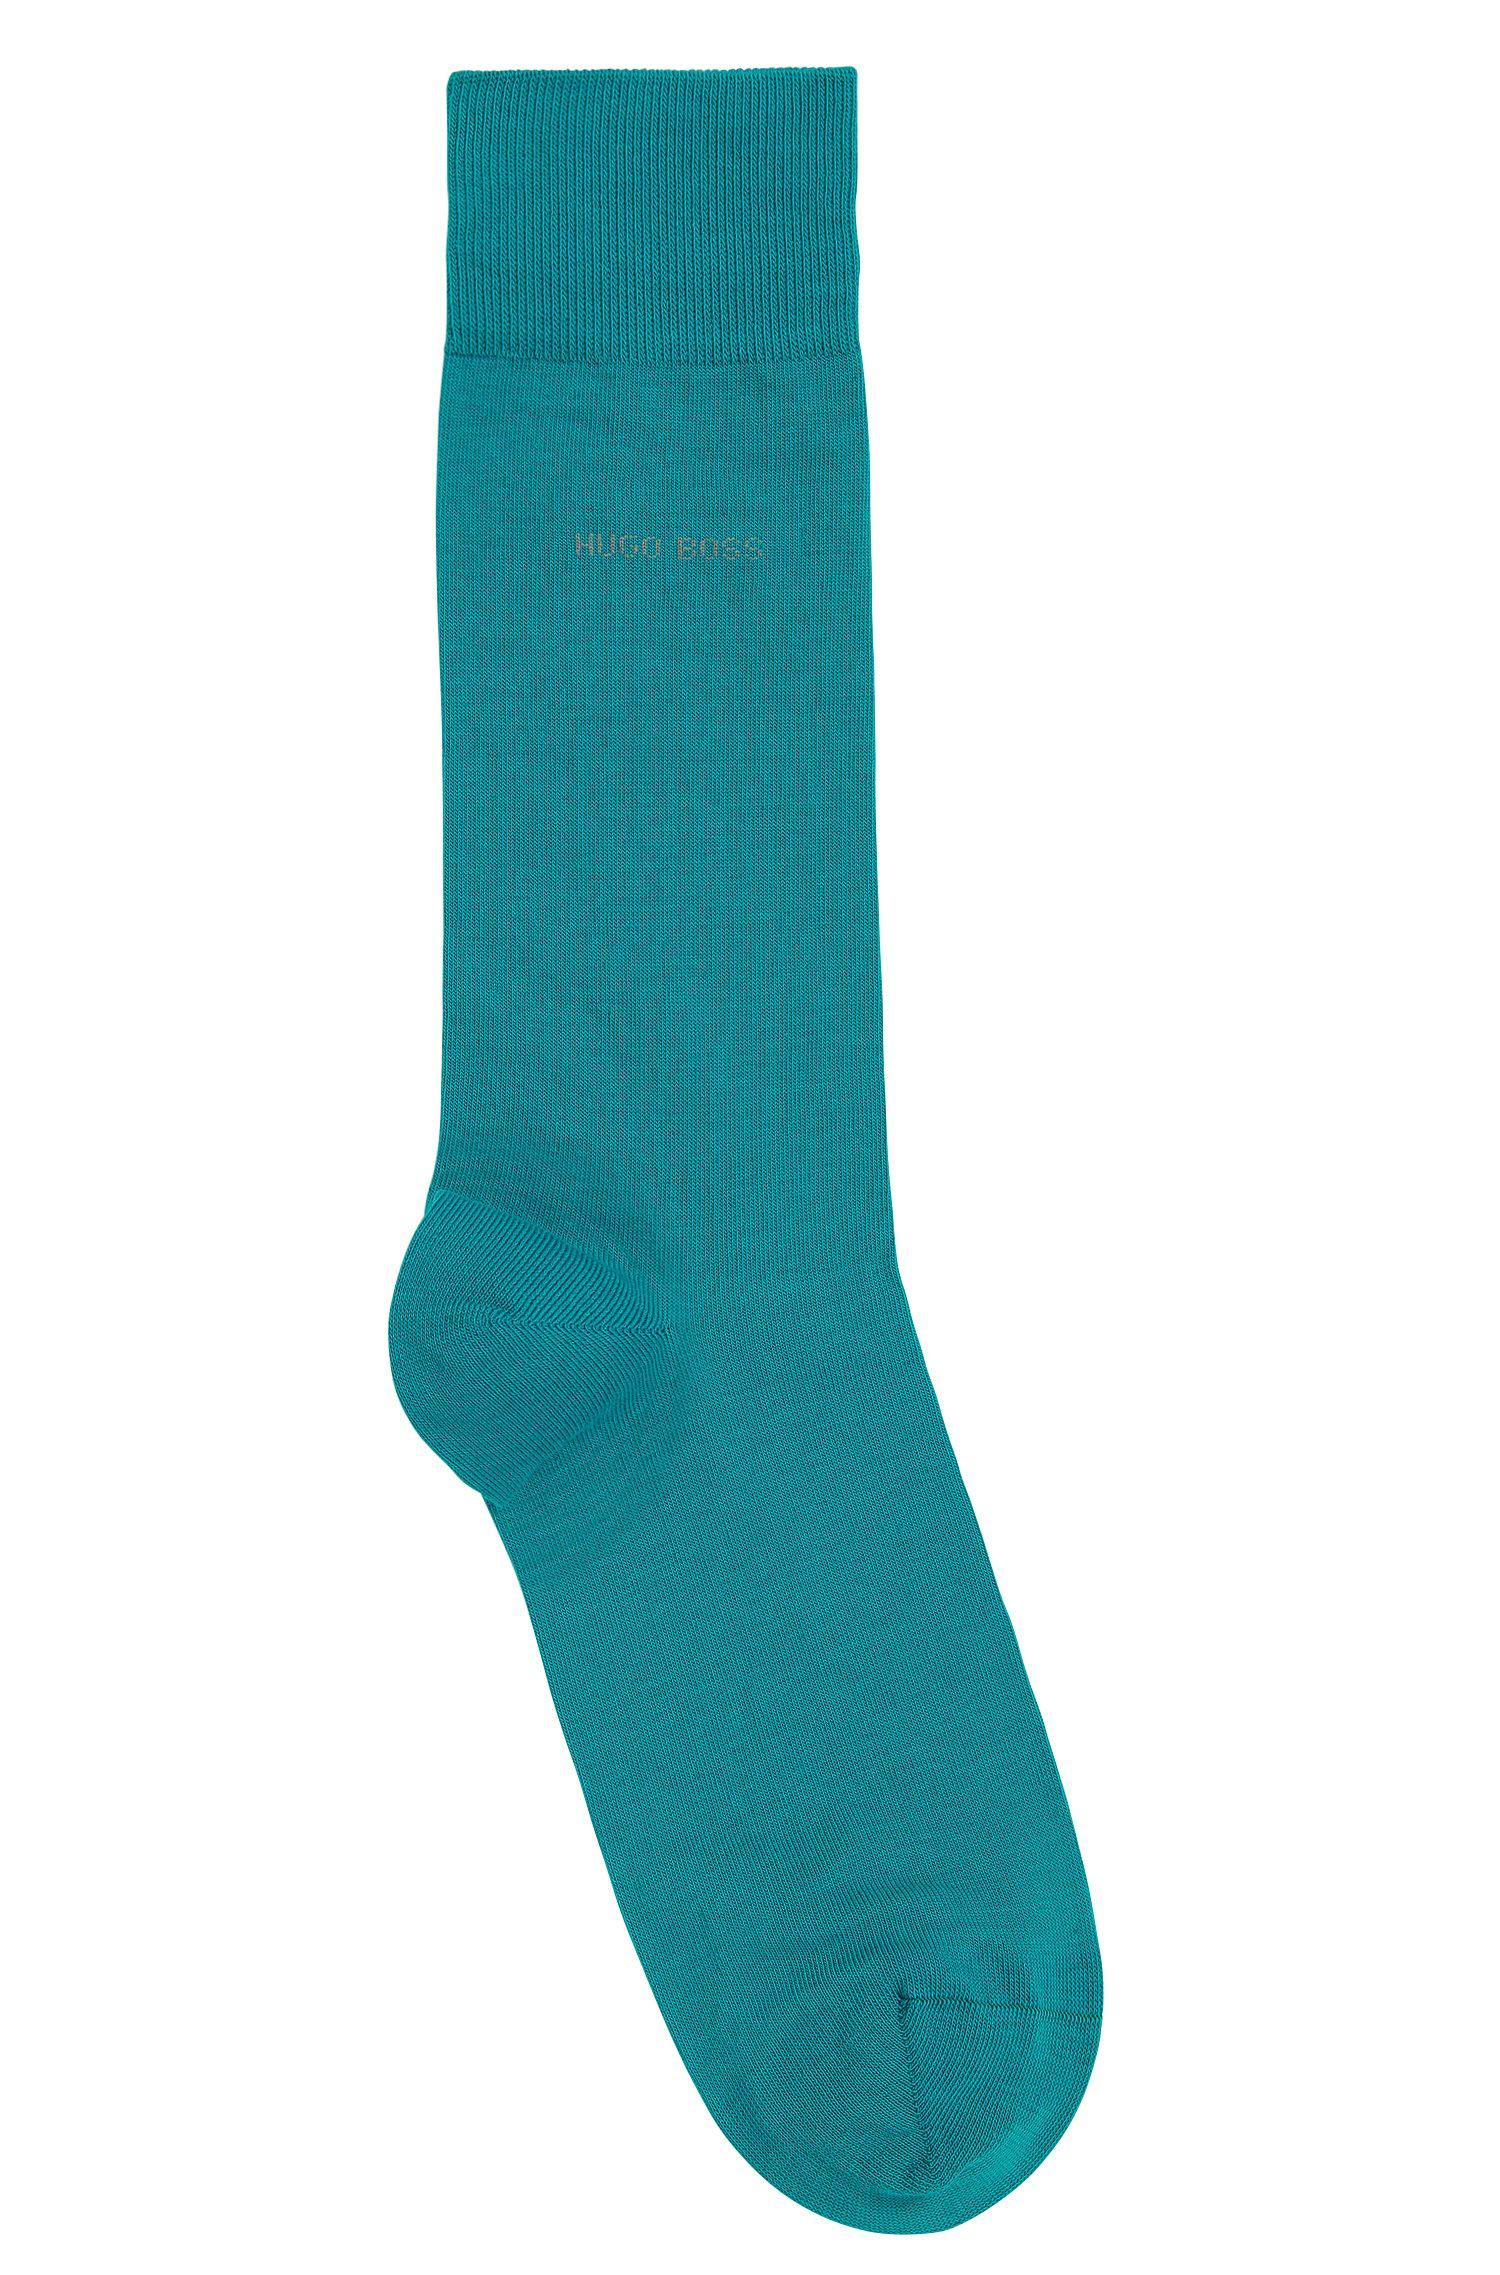 Calcetines de largo normal en algodón cepillado con elástico